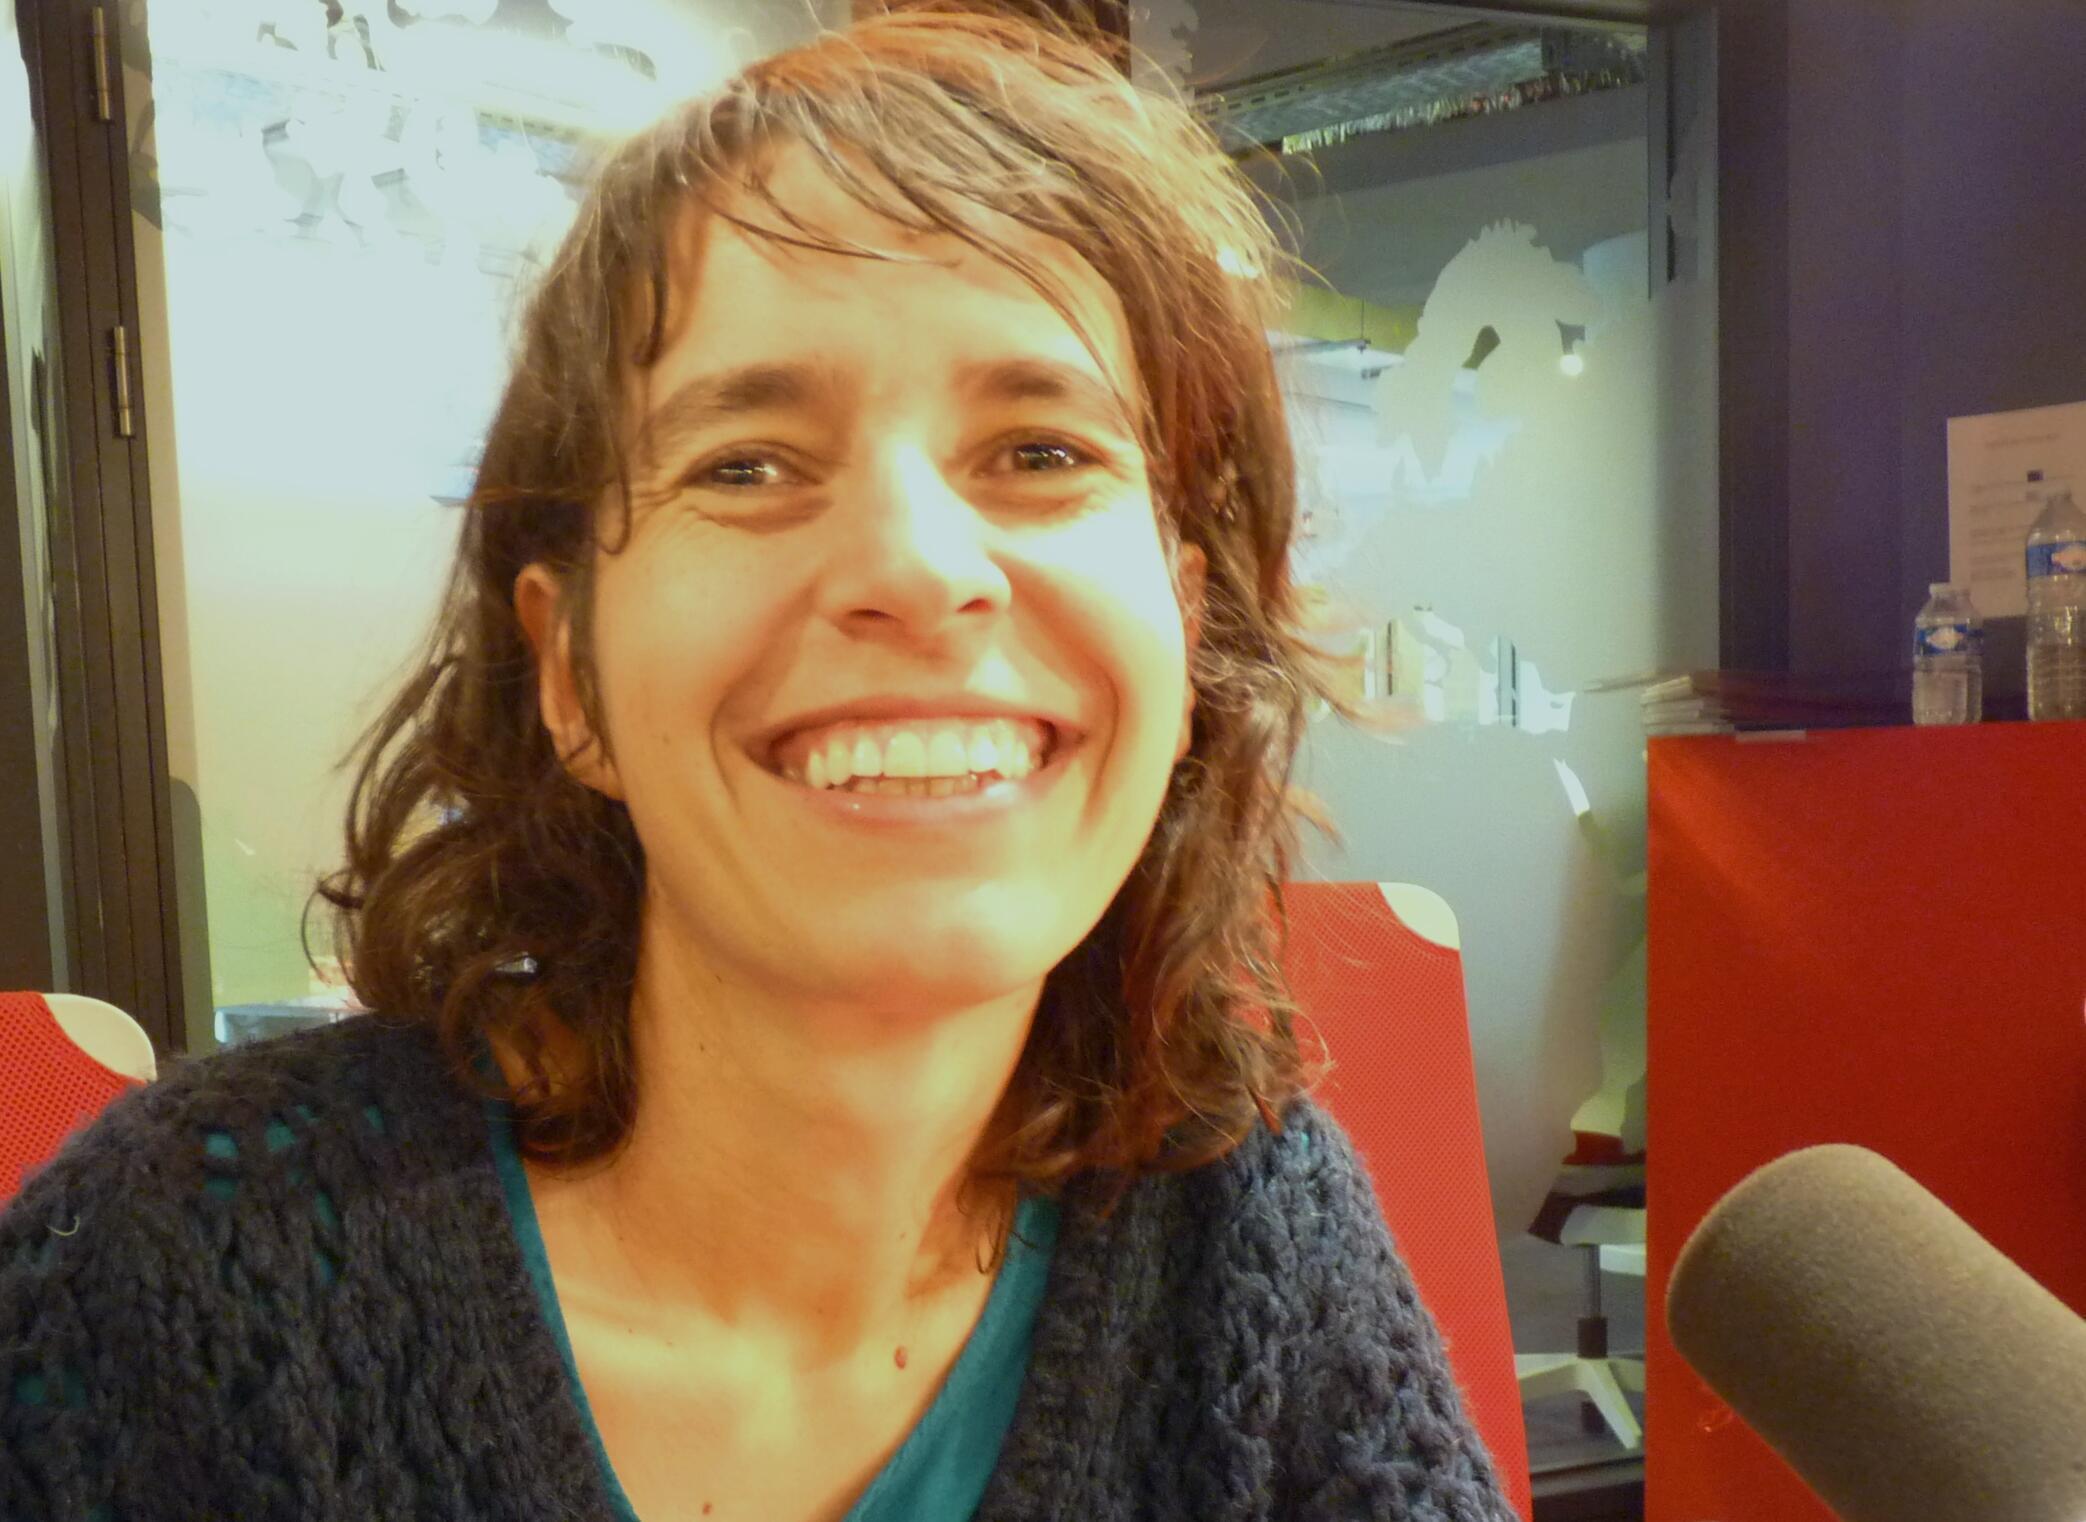 La violinista francesa Amandine Beyer en los estudios de RFI.